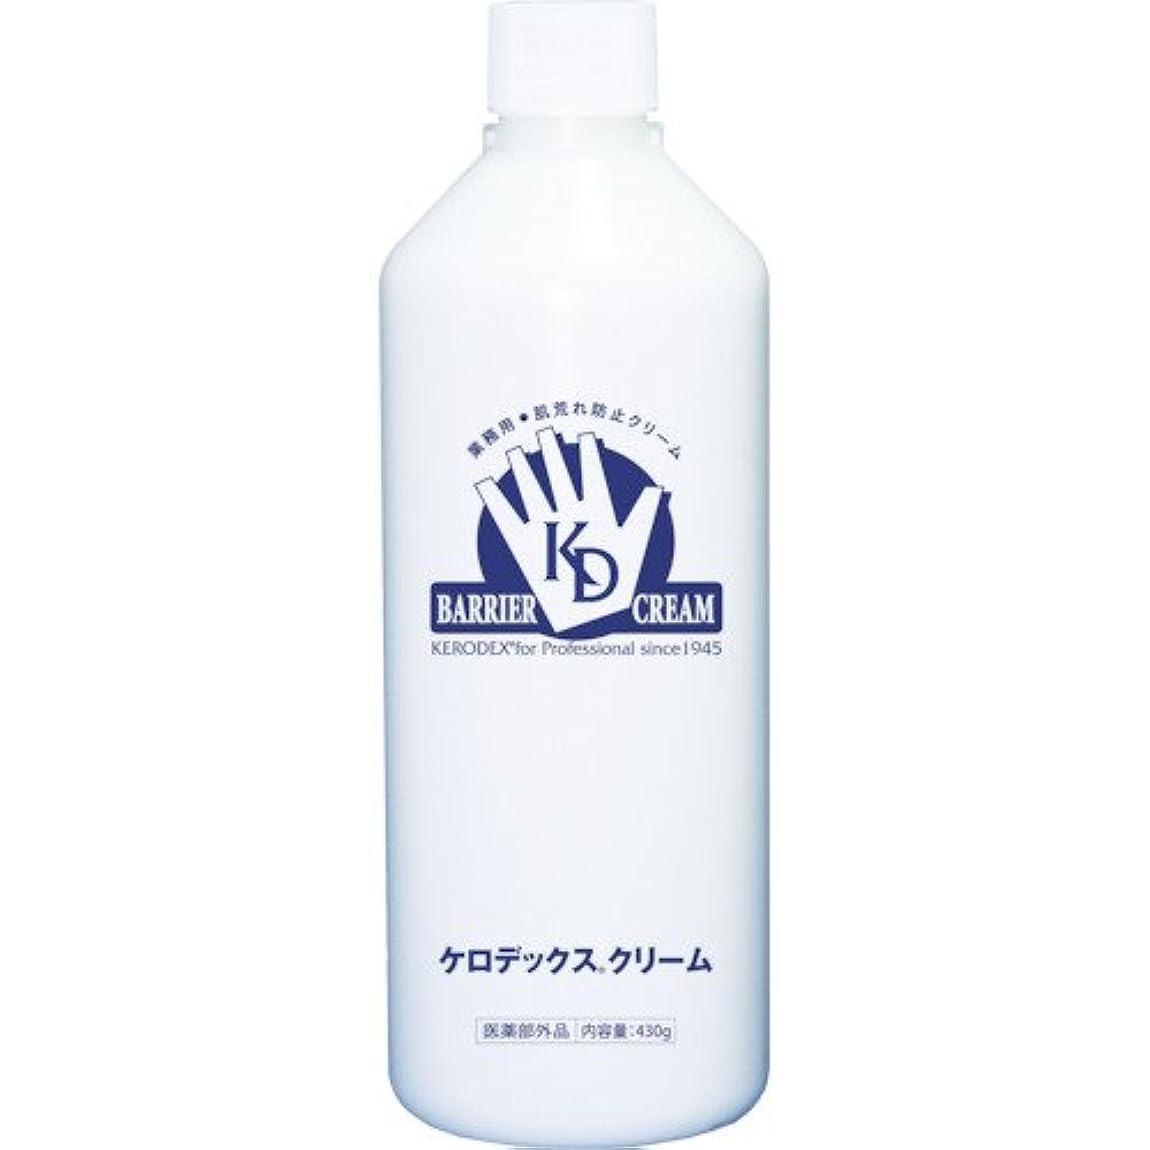 むしゃむしゃ不機嫌リースケロデックスクリーム ボトルタイプ 詰替用 430g